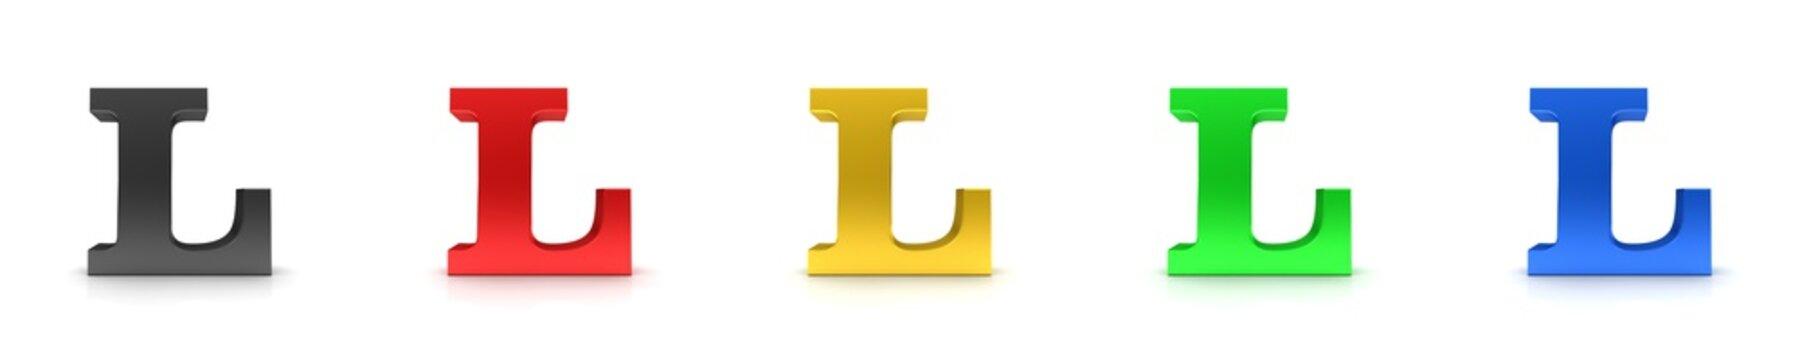 L letter 3d sign L black red gold green blue